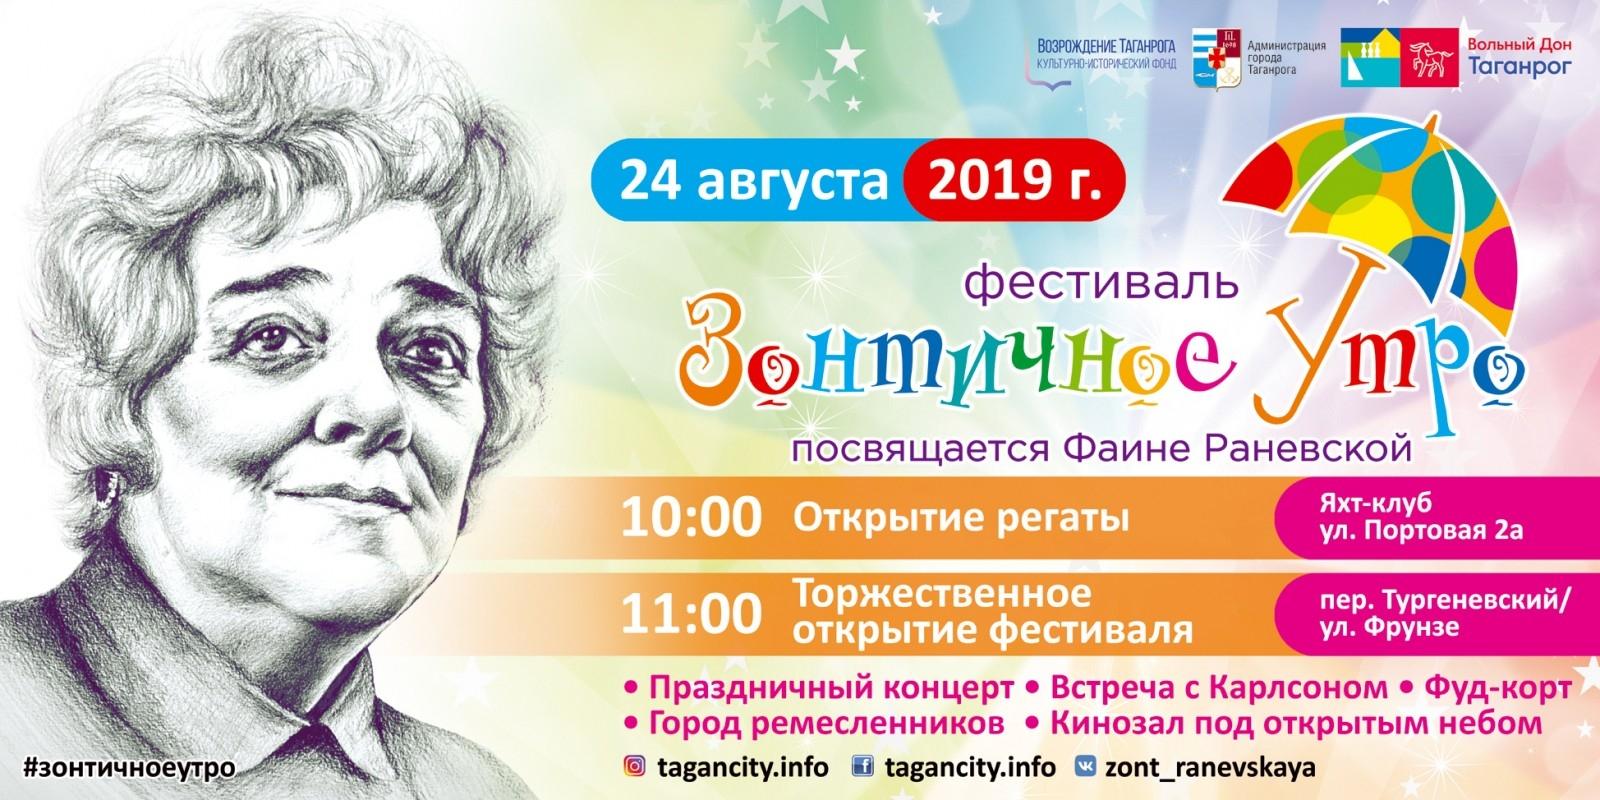 Масштабный фестиваль «Зонтичное утро» пройдет в Таганроге